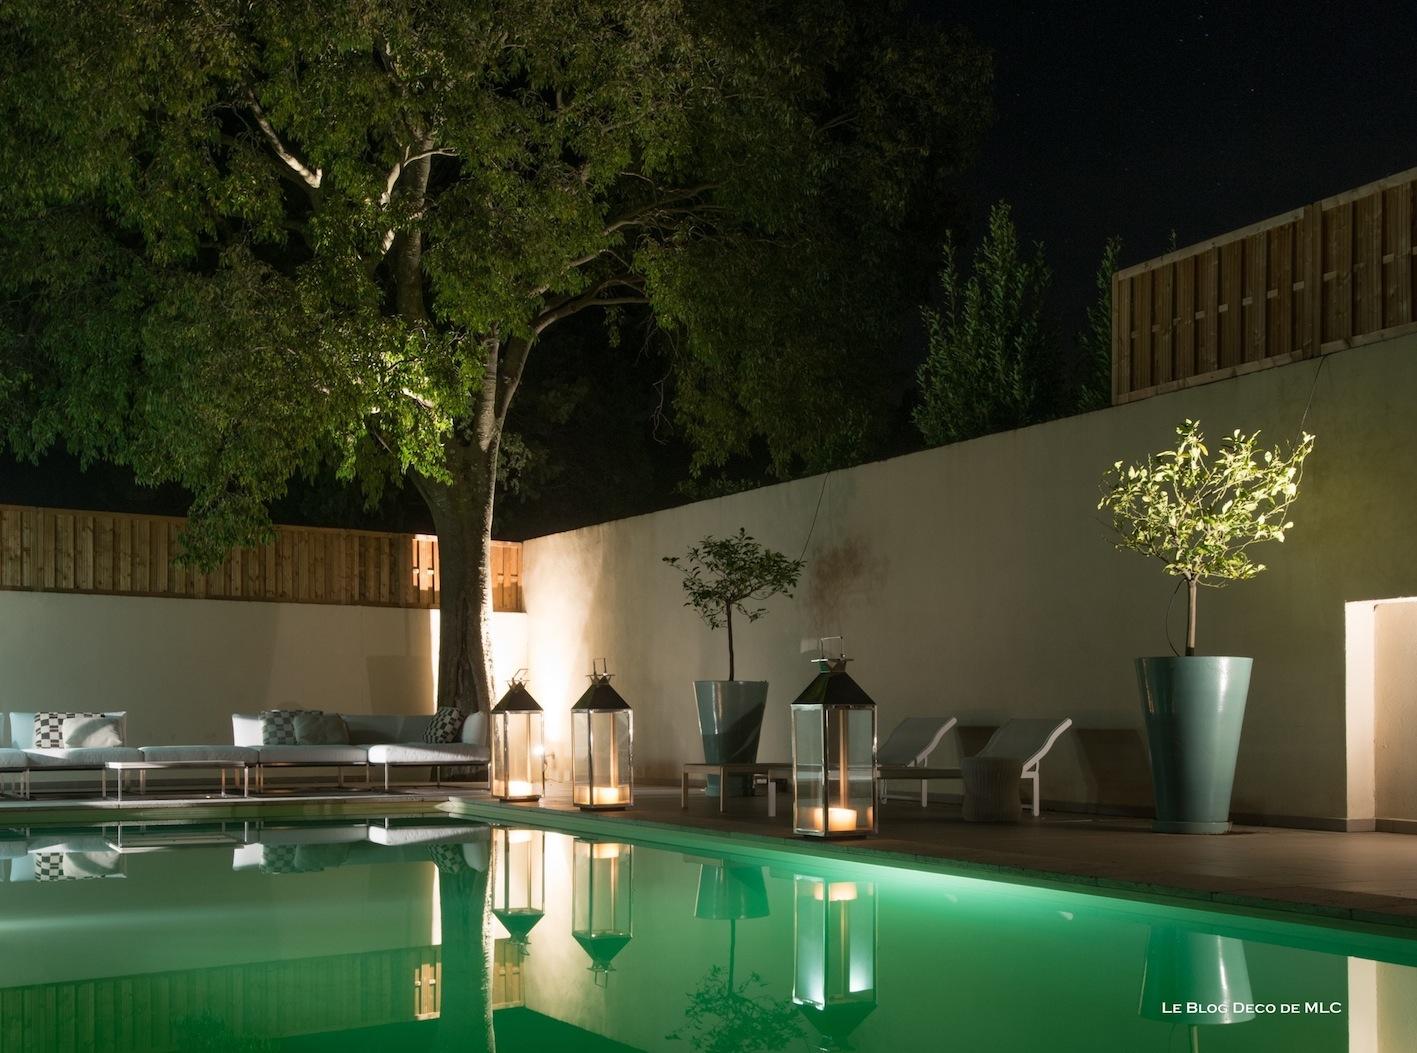 Eclairer la terrasse le soir avec des luminaires d co le for Deco terrasse piscine